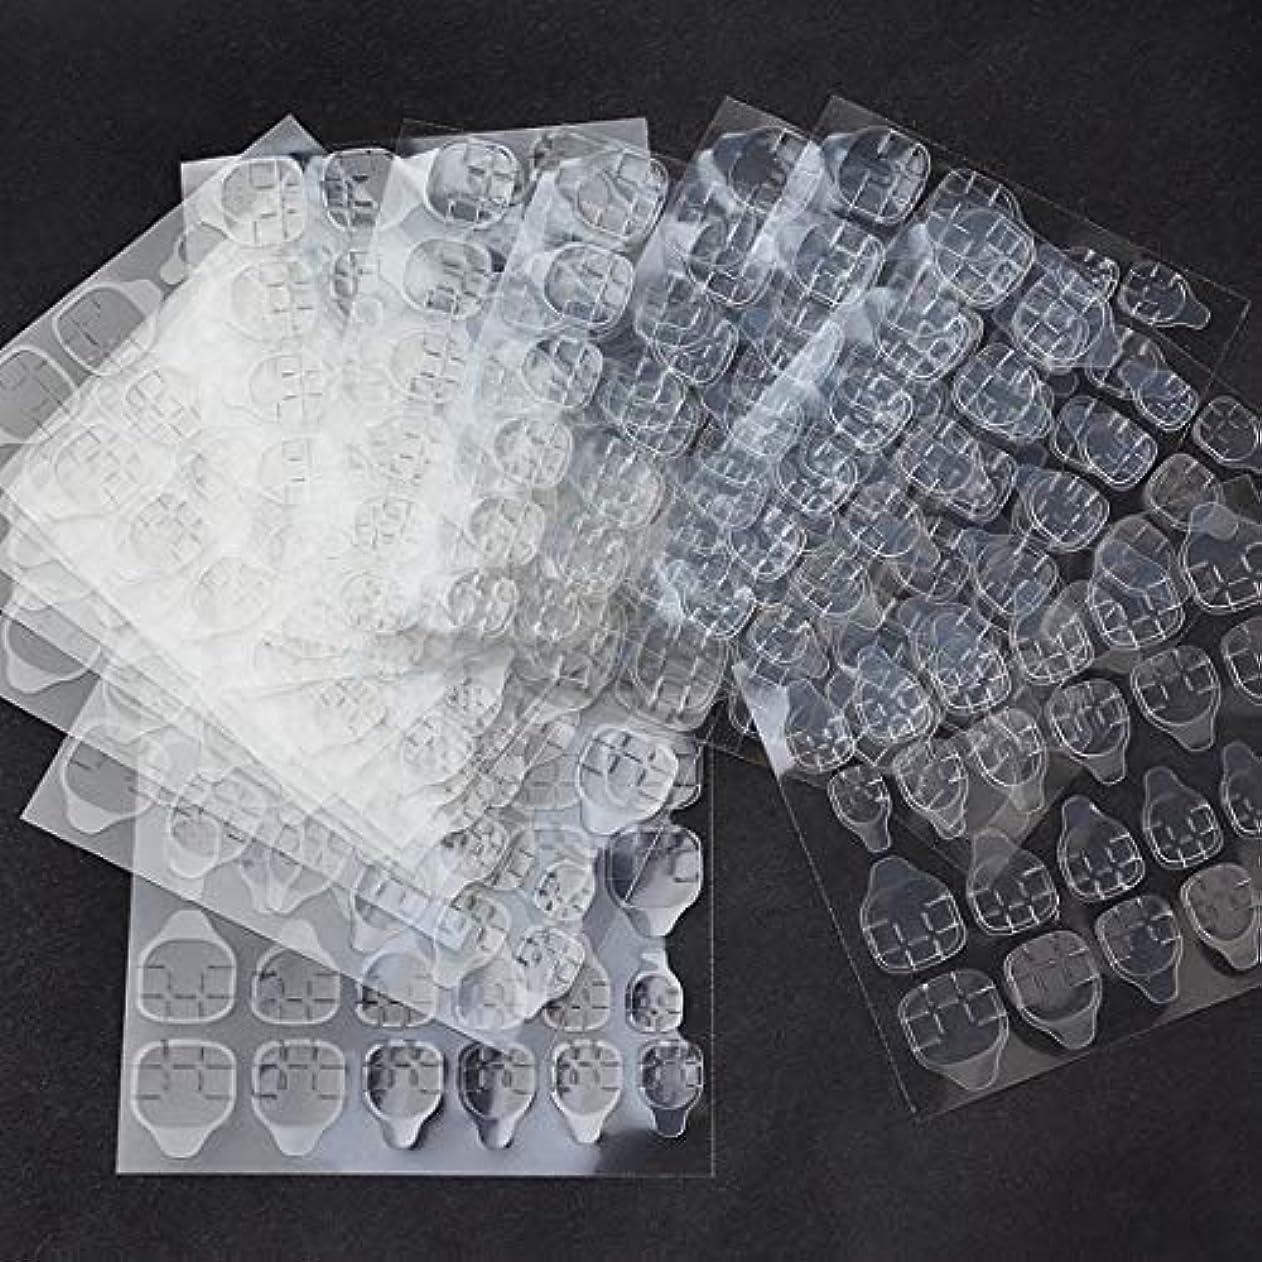 アリ聖人インフレーションALEXBIAN 10枚防水通気性透明超薄型両面接着タブネイルグルーステッカー偽ネイルのヒント